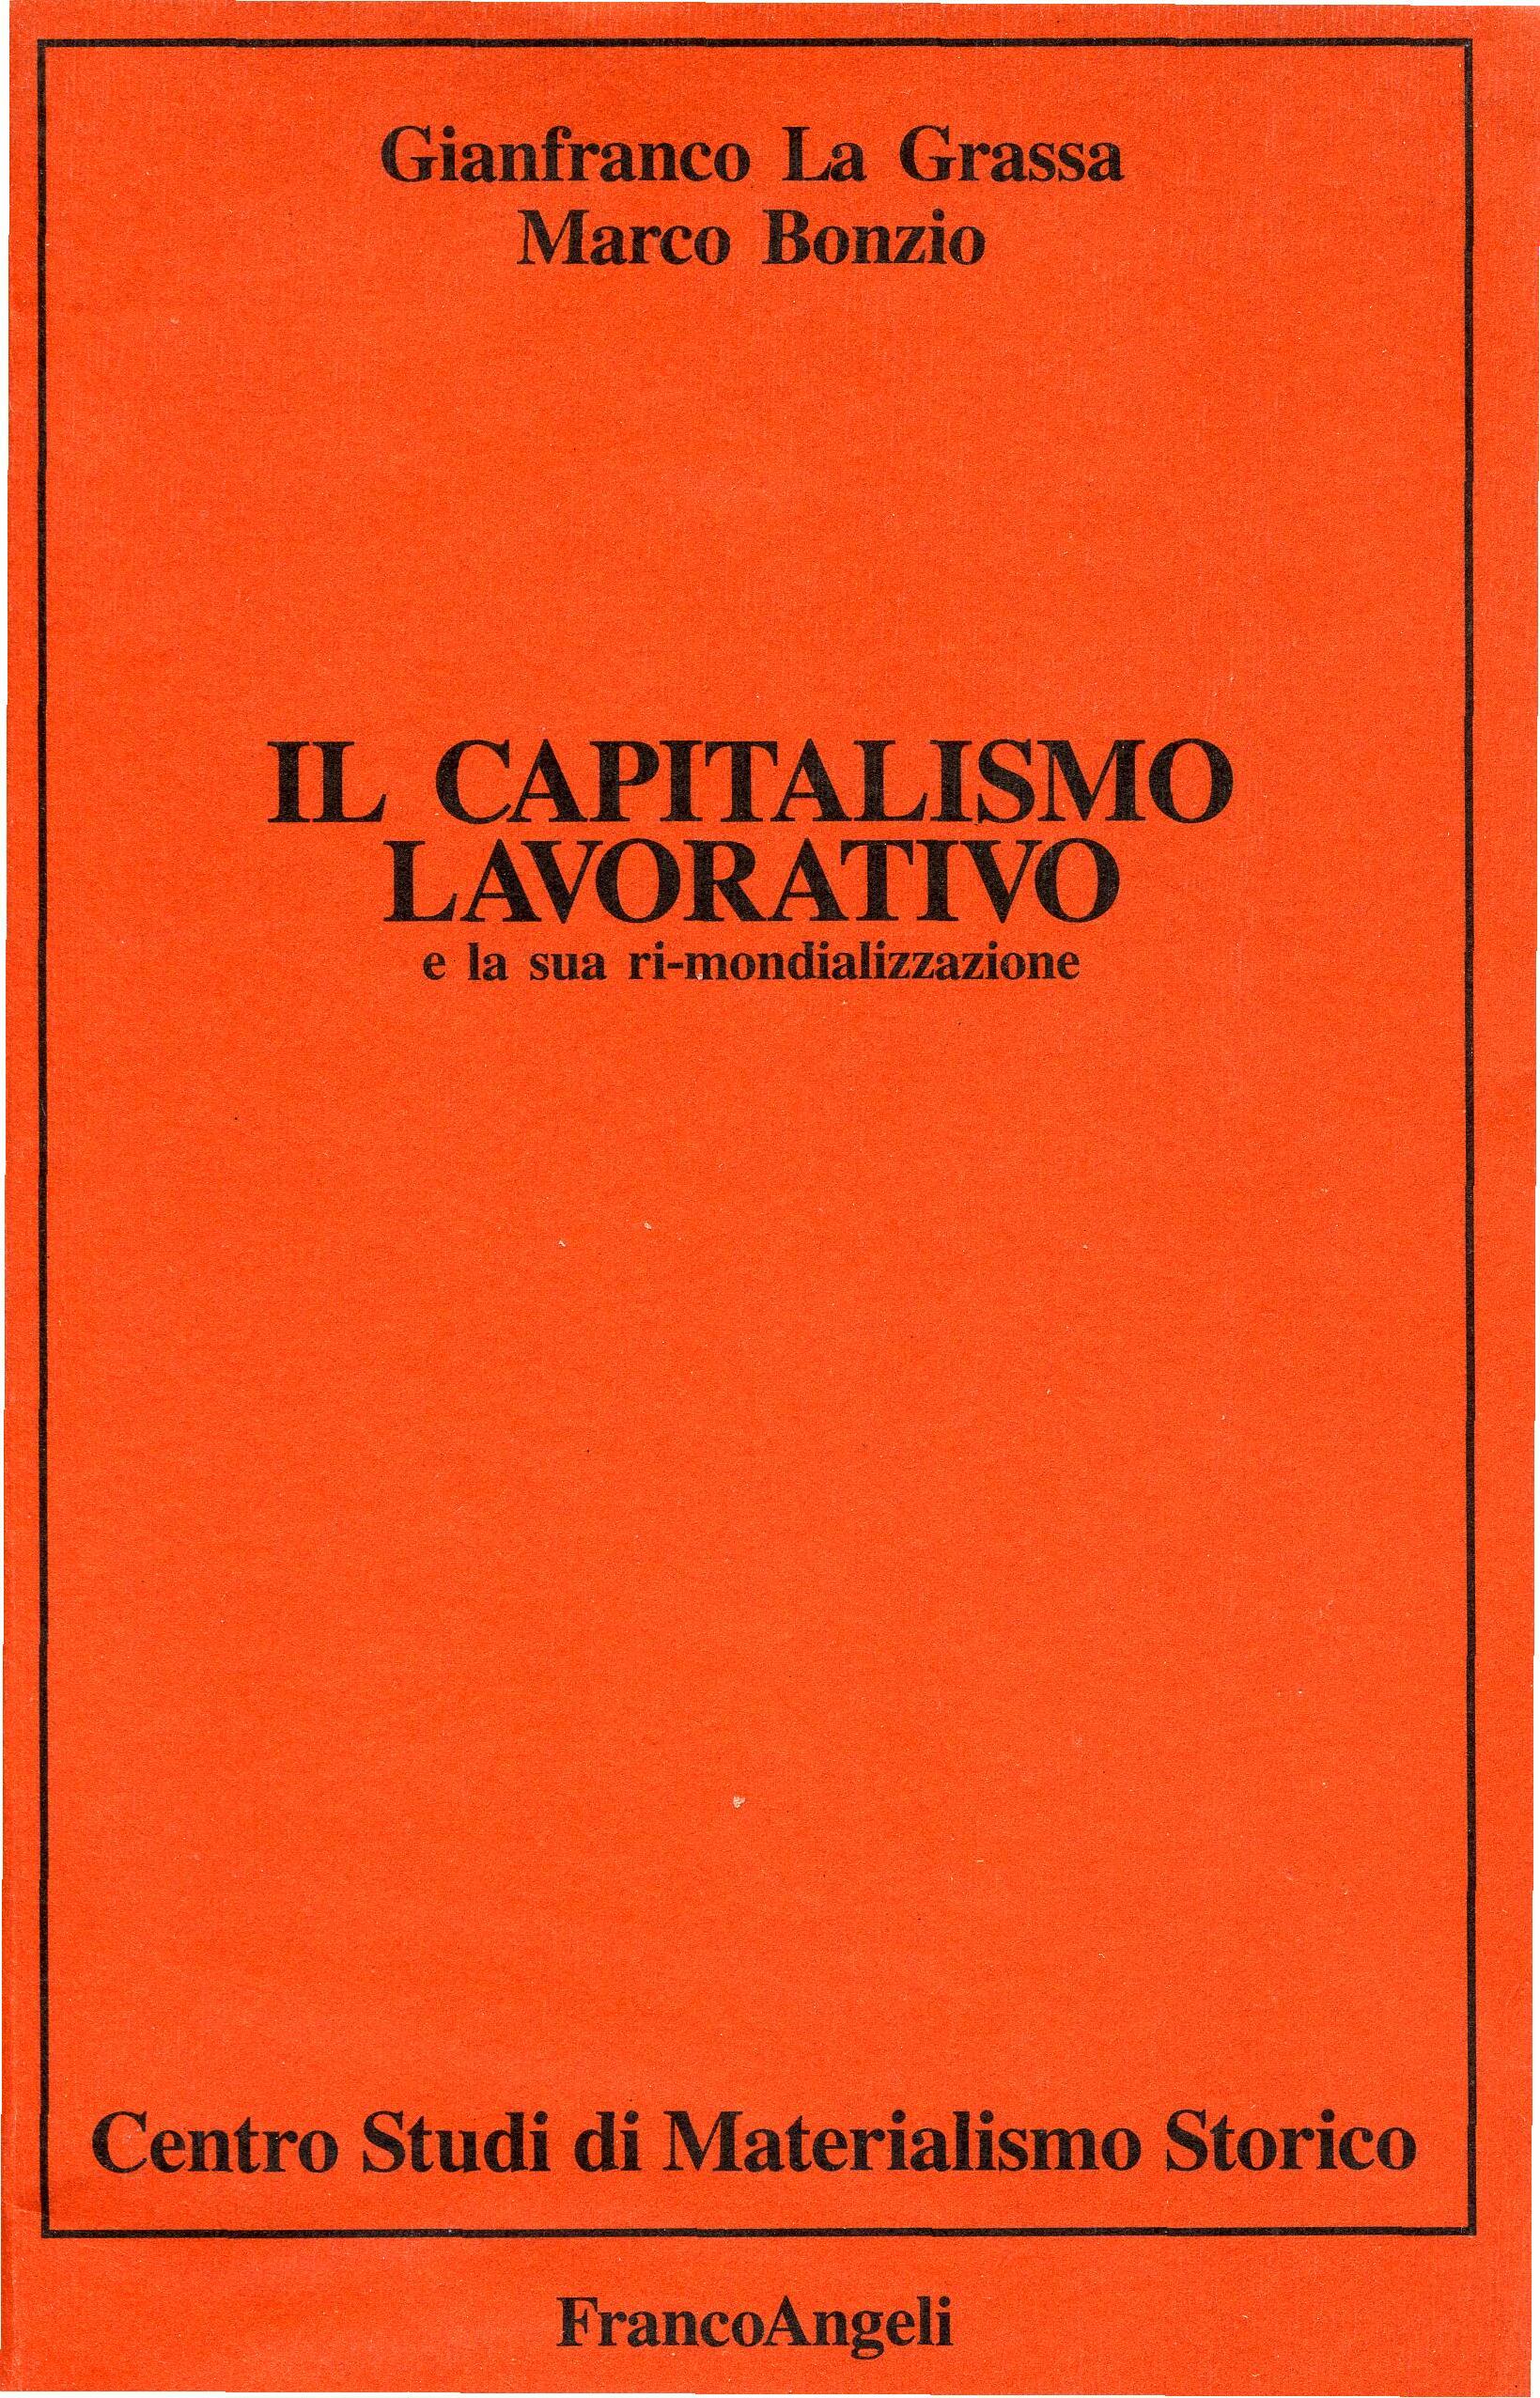 Il capitalismo lavorativo e la sua rimondializzazione